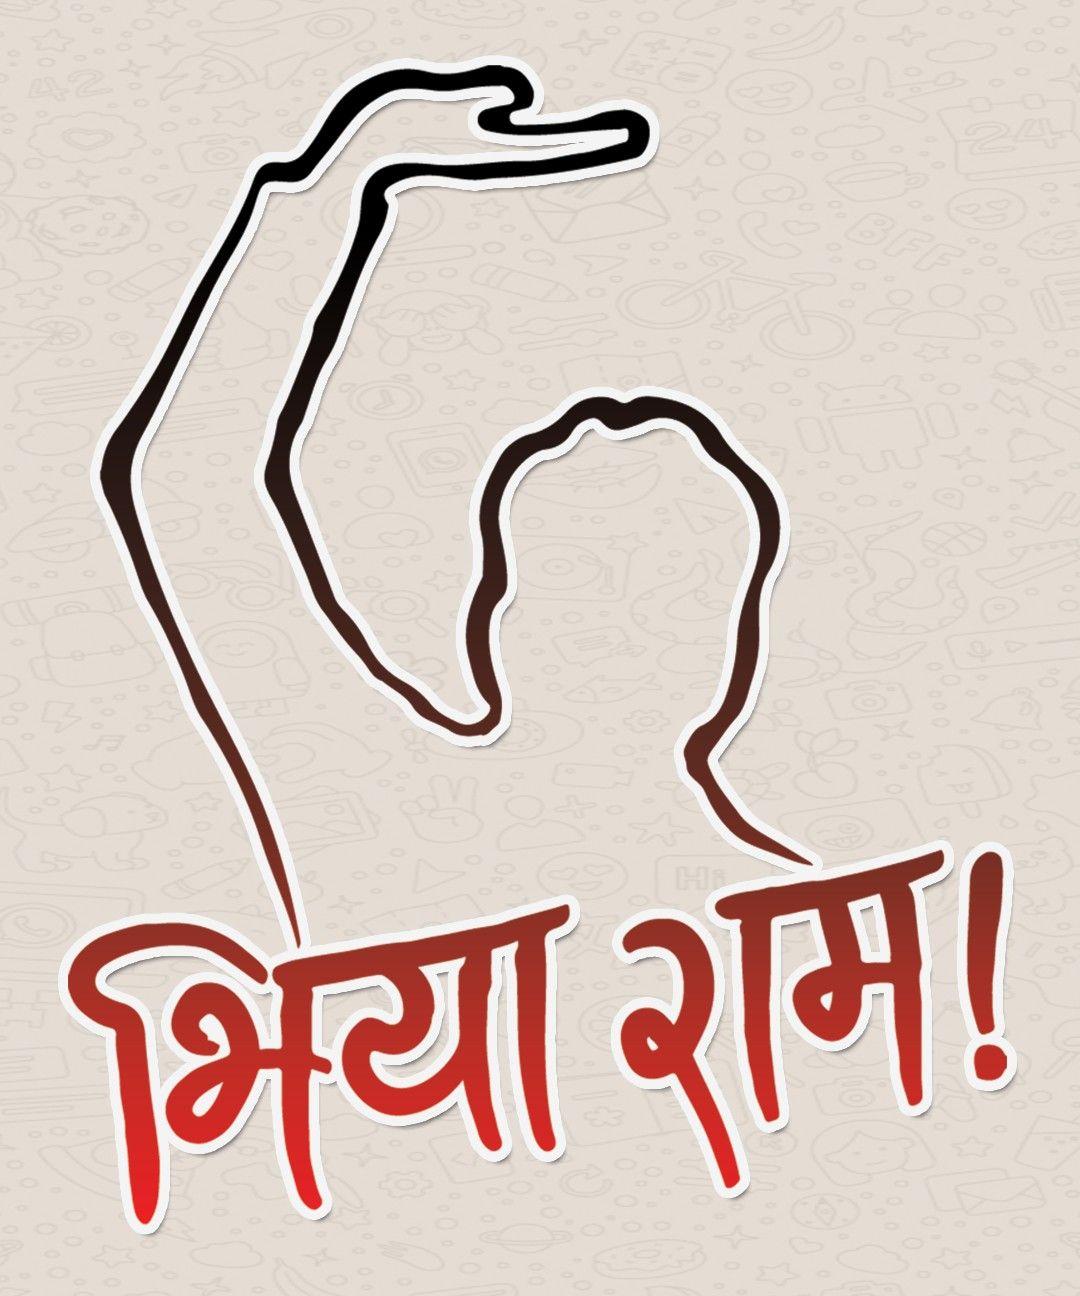 Bhiya ram rajiv nema indori stickers for whatsapp going viral in indore indori memes indori words indori jokes indori dialogues indori language stickers